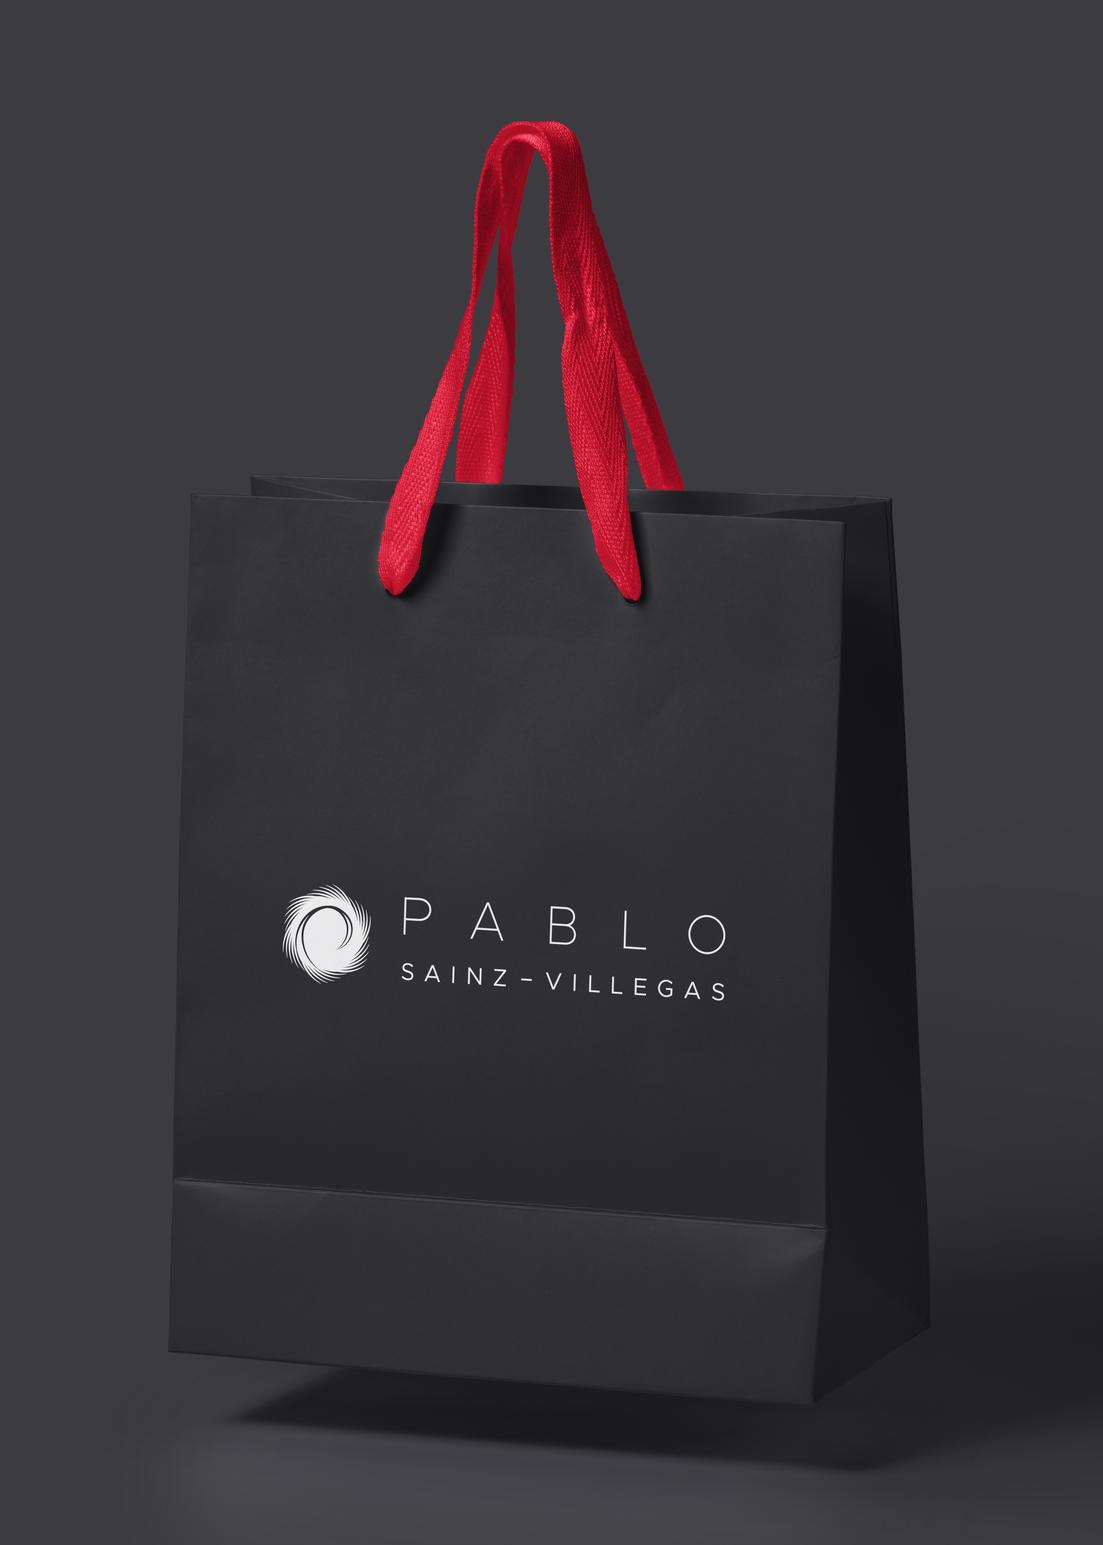 pablo_paperbag.png